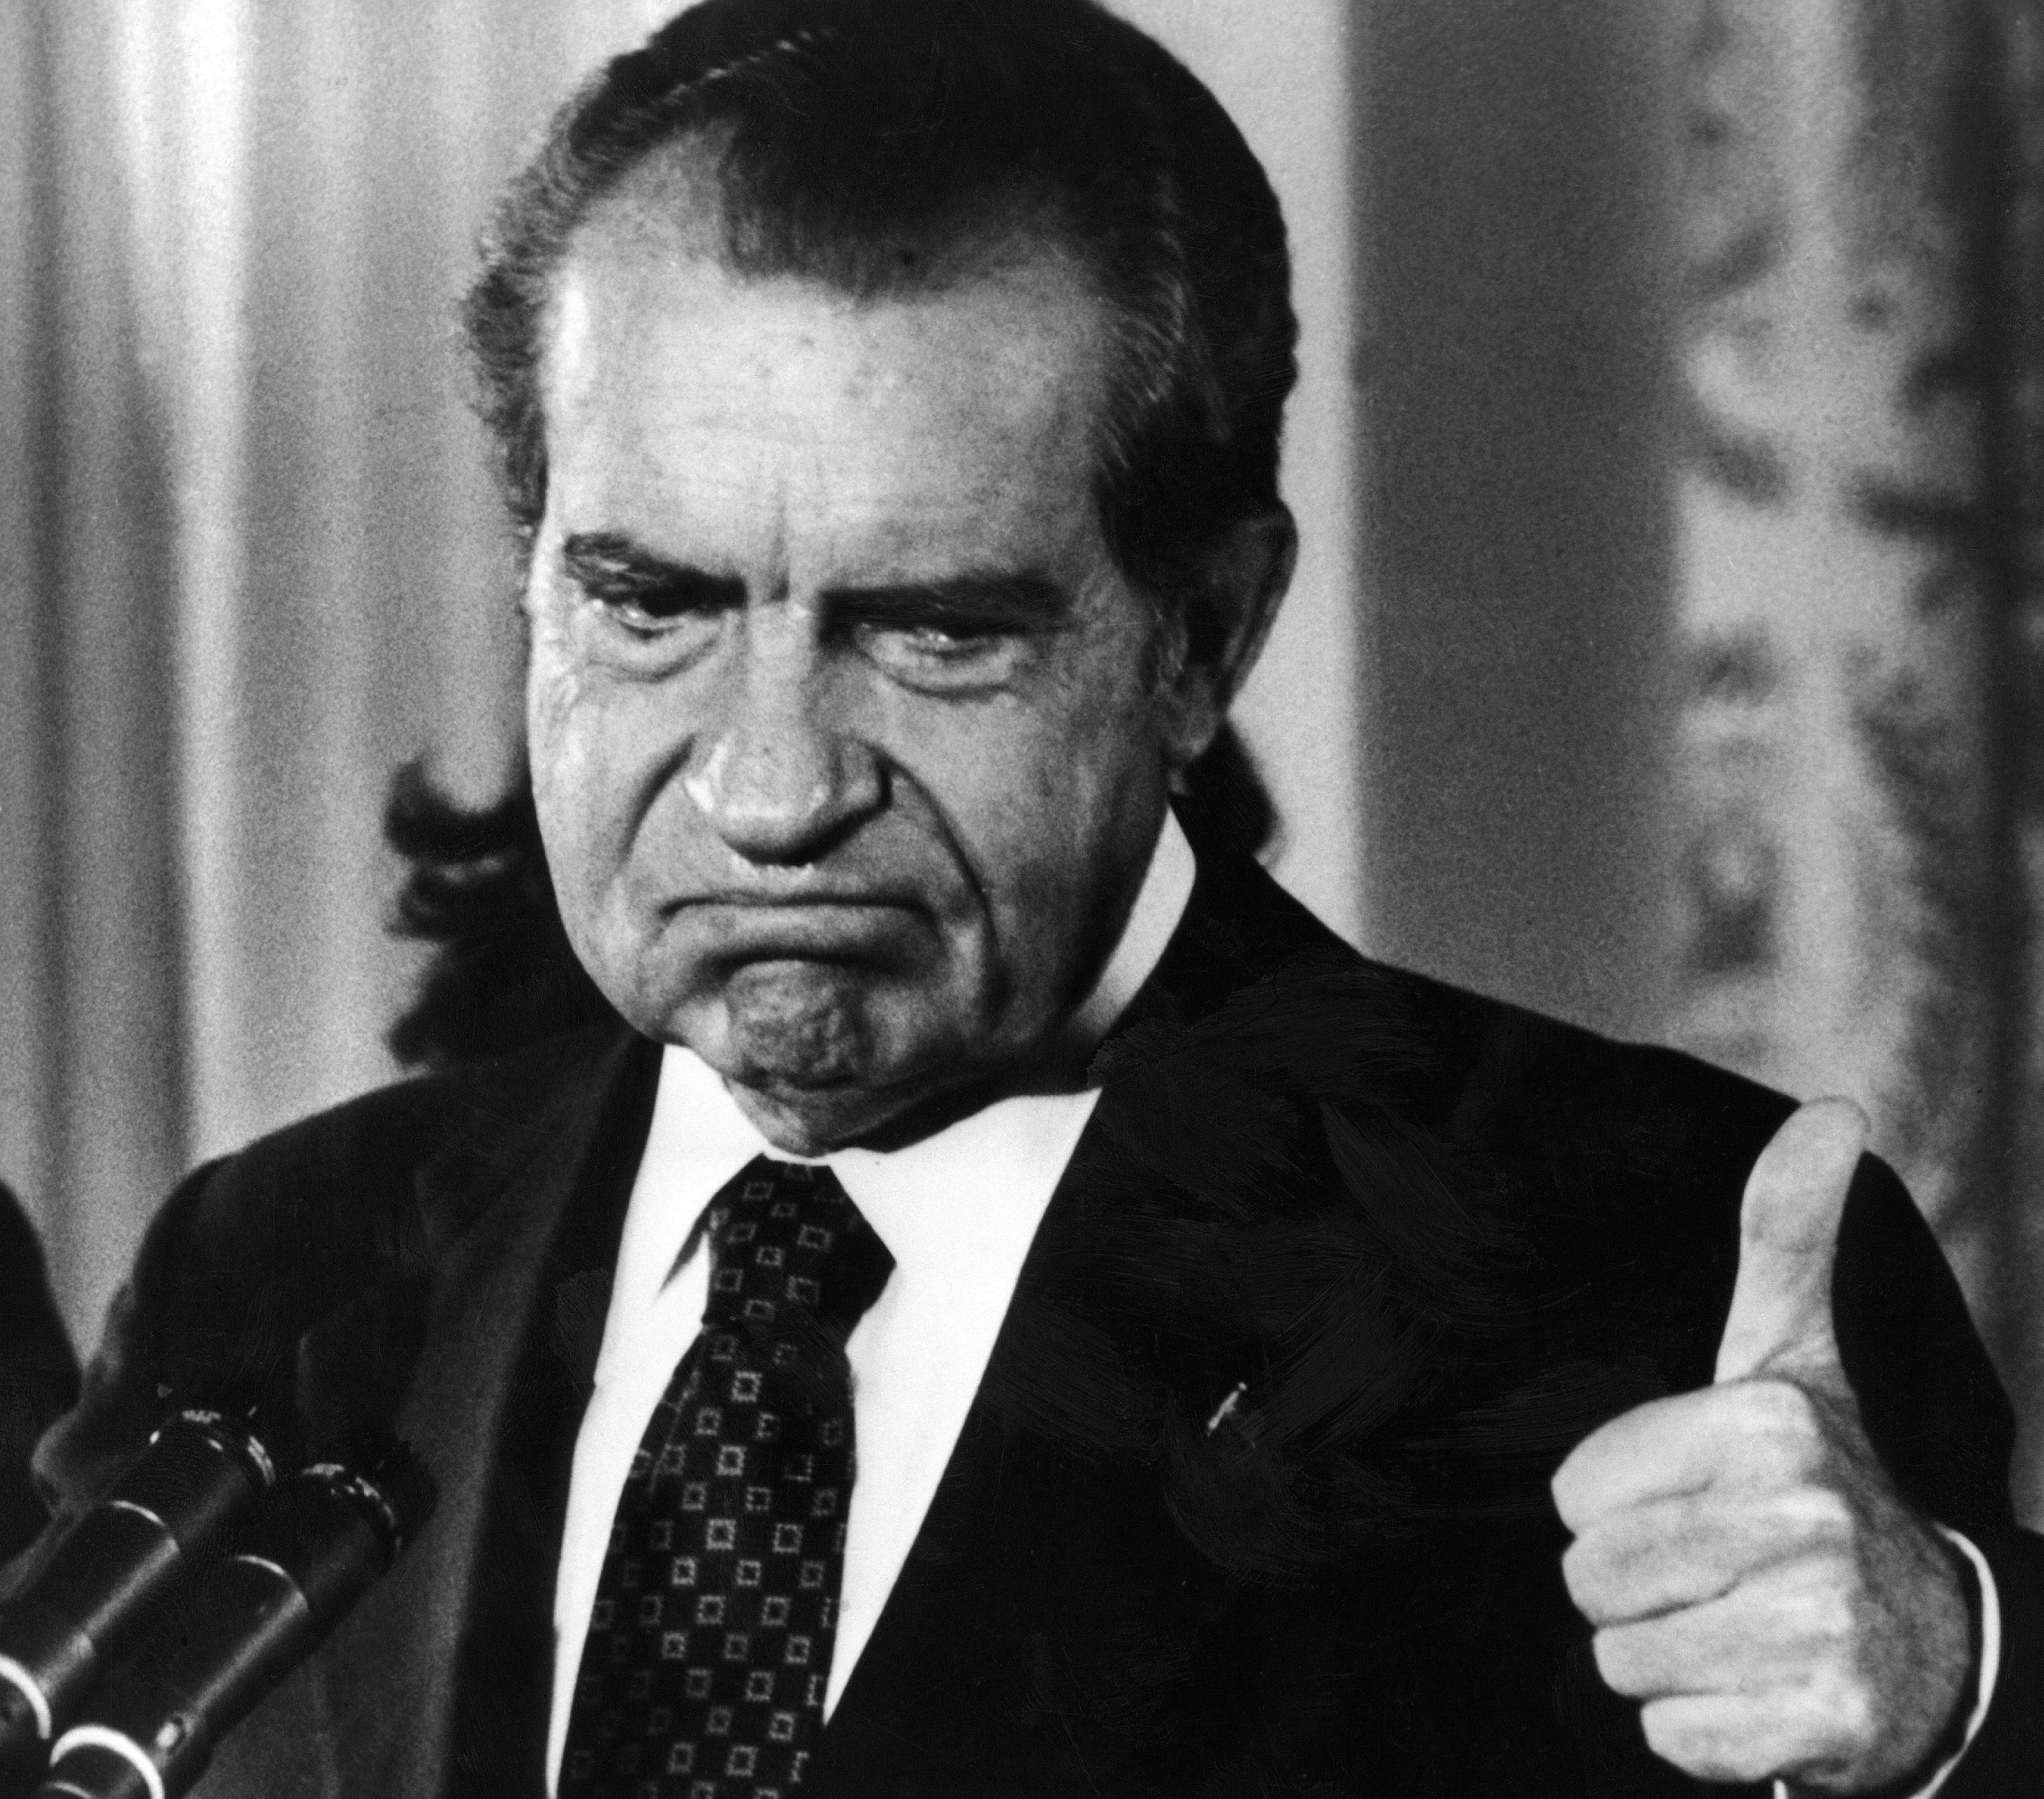 尼克森总统在1974年8月9日因水门案宣布辞职后,竖起大母指。(Getty Images)